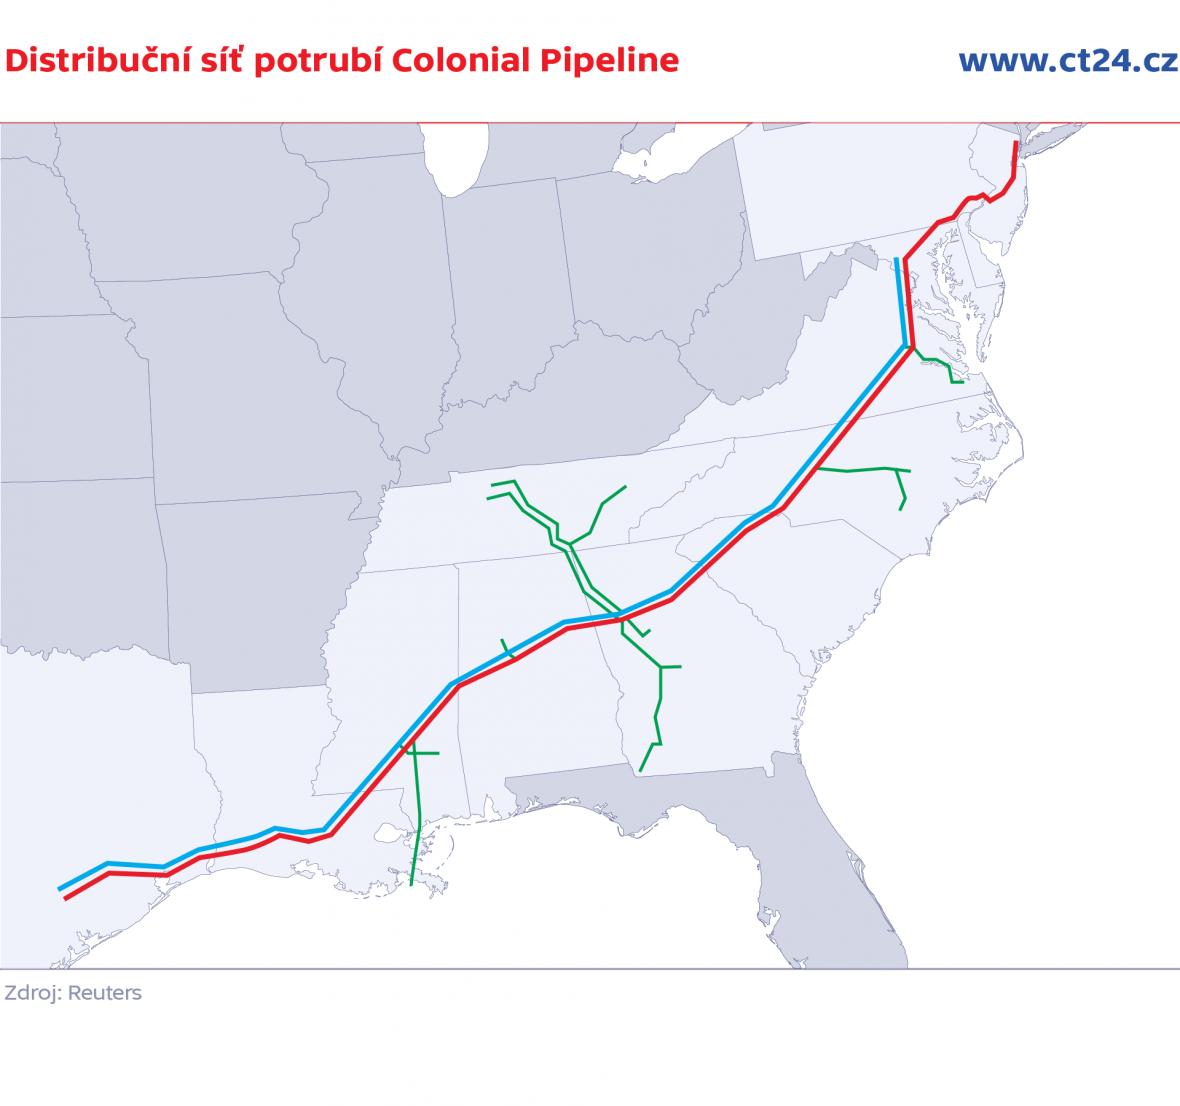 Distribuční síť potrubí Colonial Pipeline